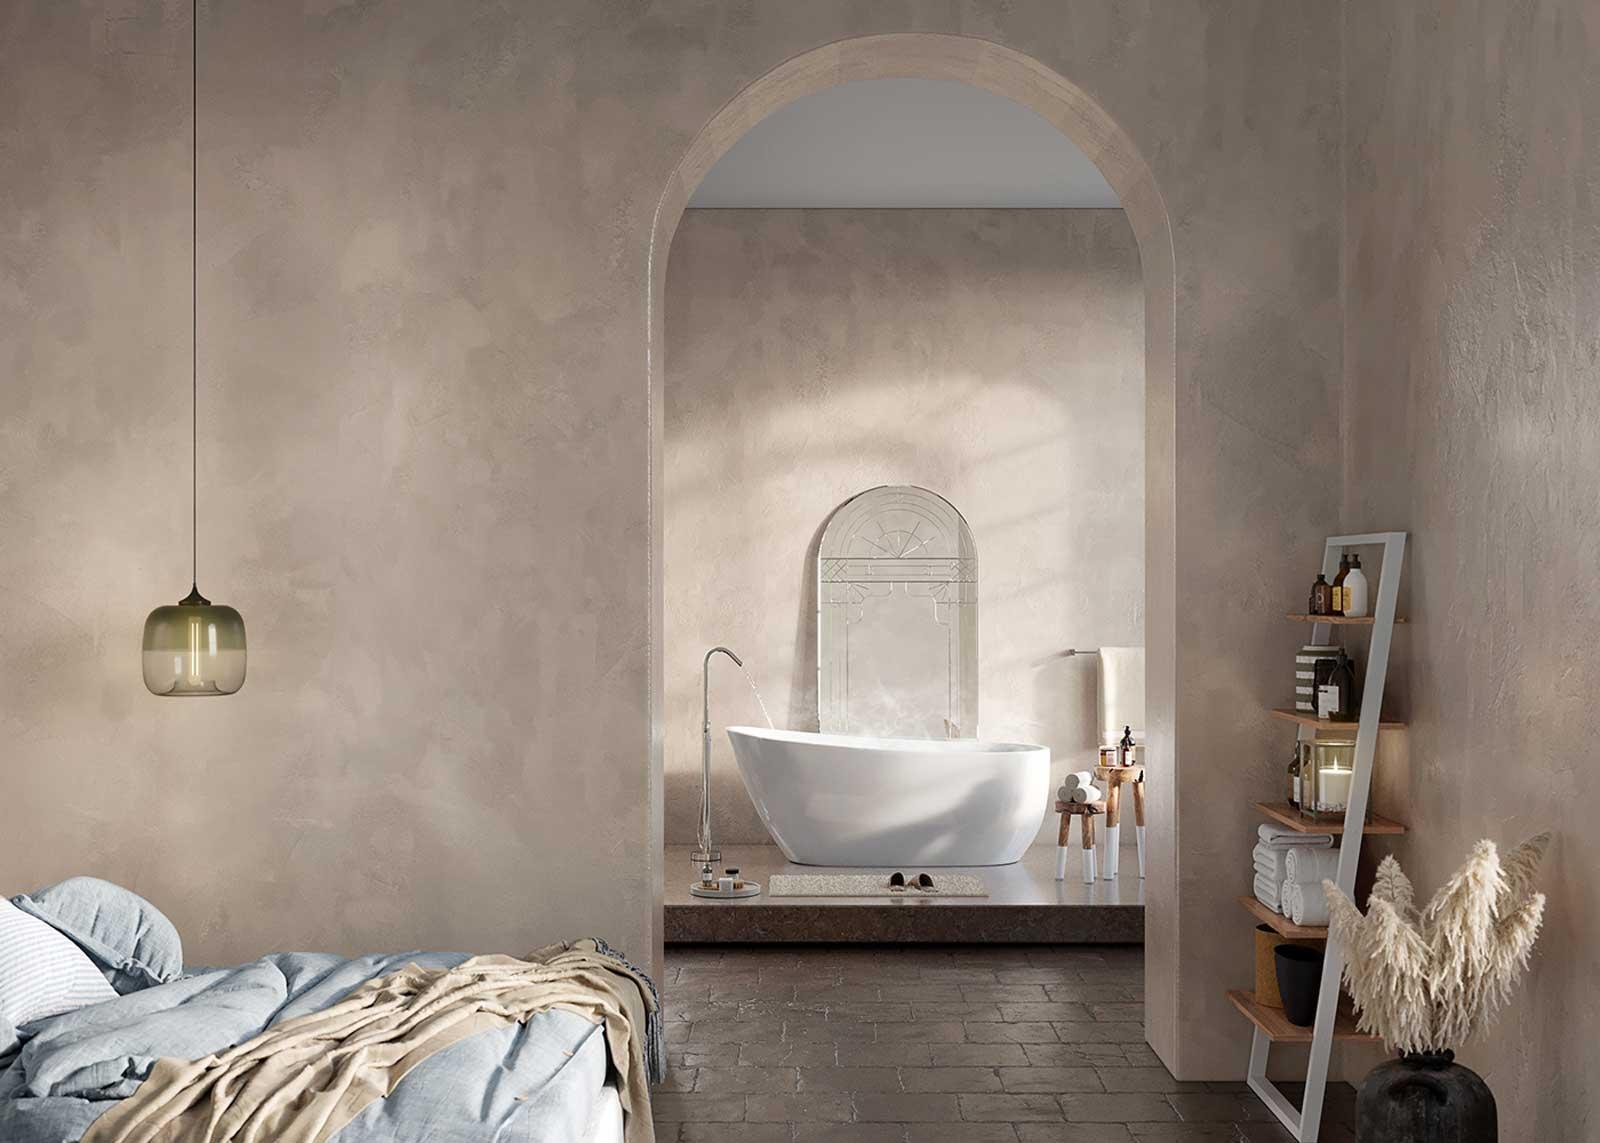 Une suite parentale en teintes douces avec un espace bain éclairé et surélevé